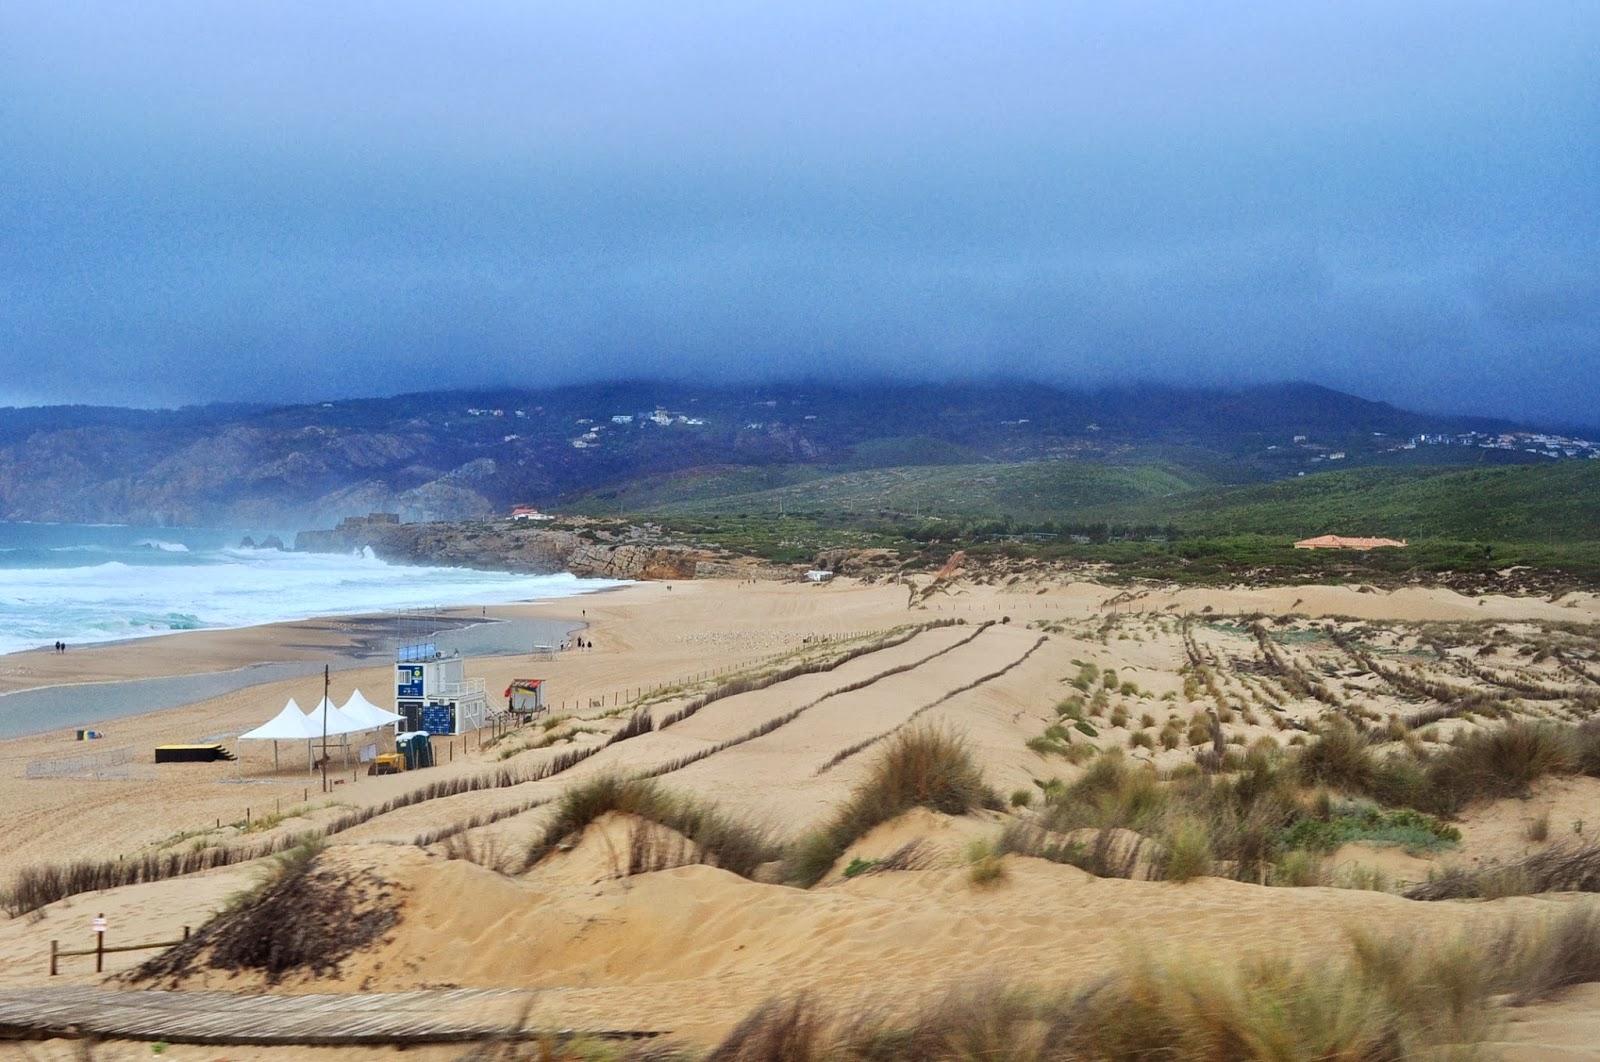 """Крайбрежието в околностите на Лисабон обаче е раят за сърфисти и за хора с меланхолични души. Вълните се разбиват с такъв трясък, че надробяват скалите на дребни камъчета, които местните оприличават на кус-кус или """"кашкаиш"""" на португалски."""